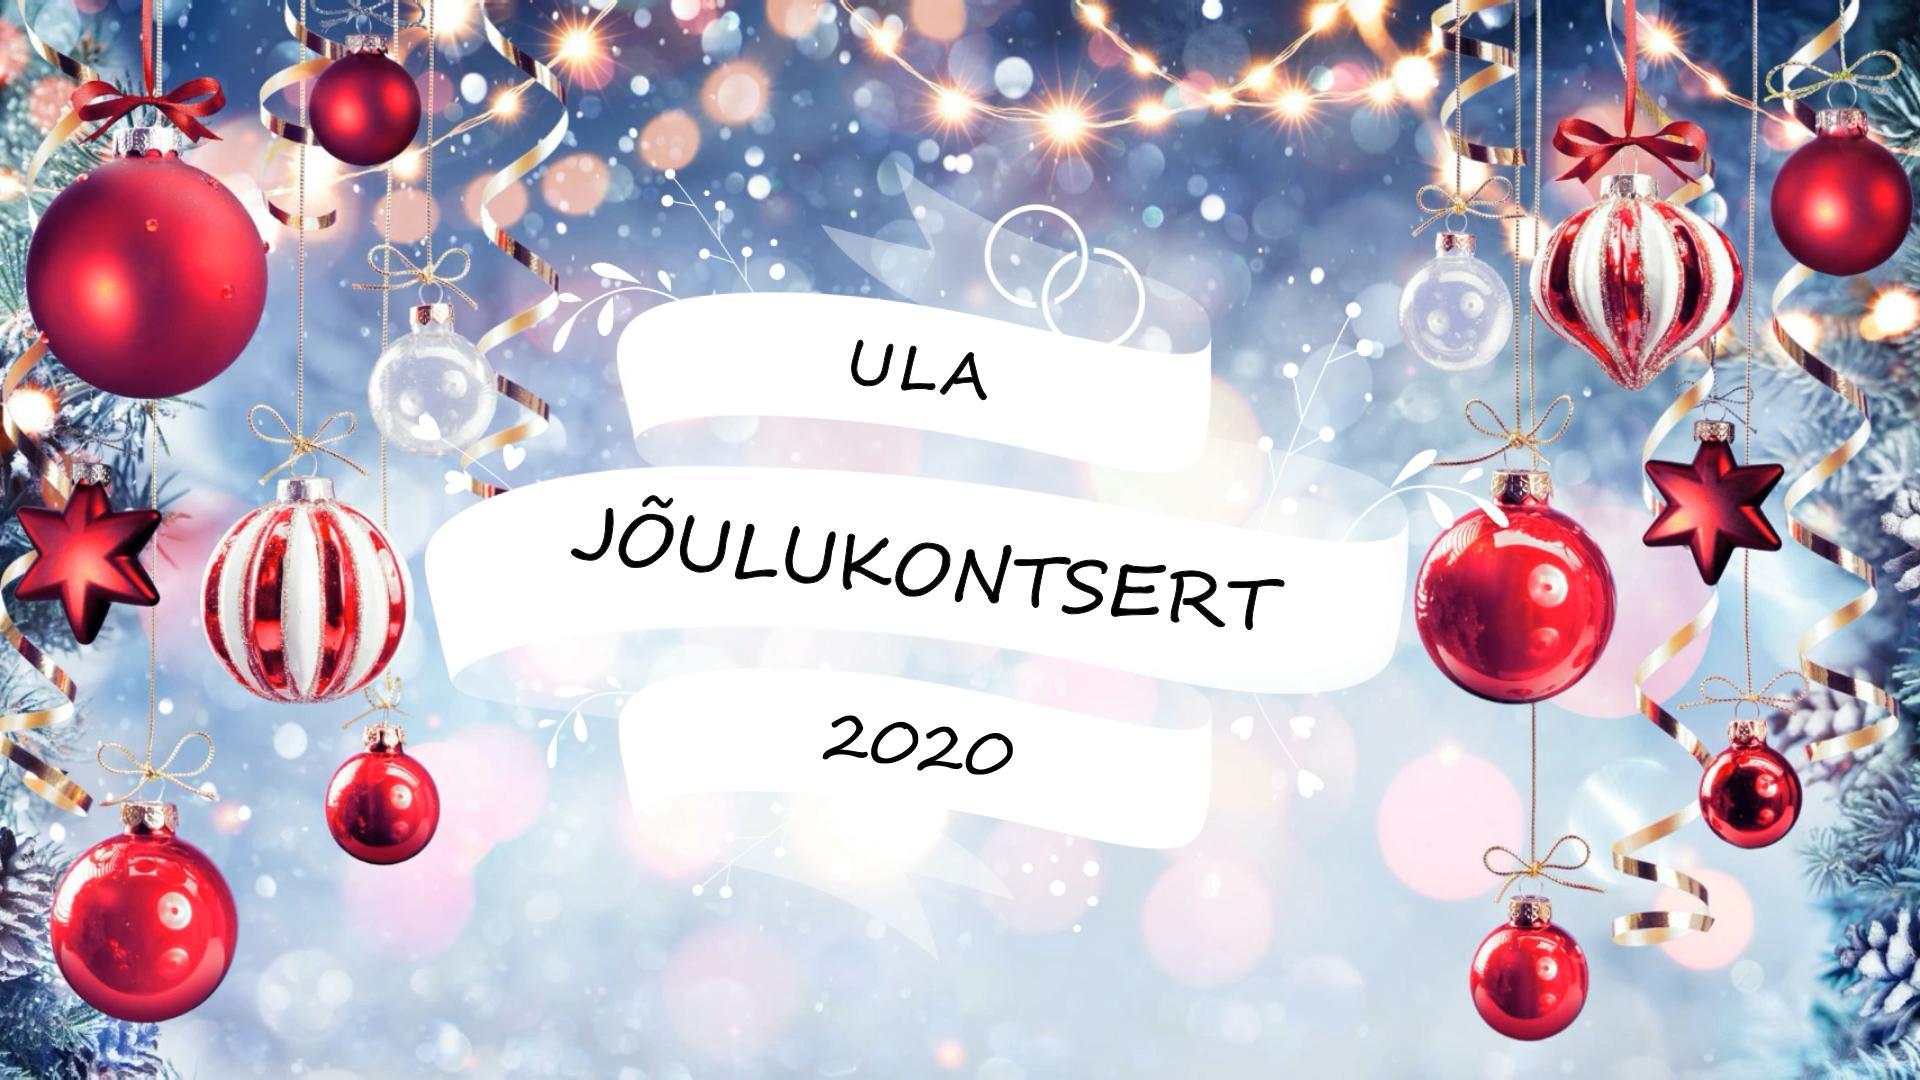 ULA - Jõulukontsert 2020 (lasteaed)